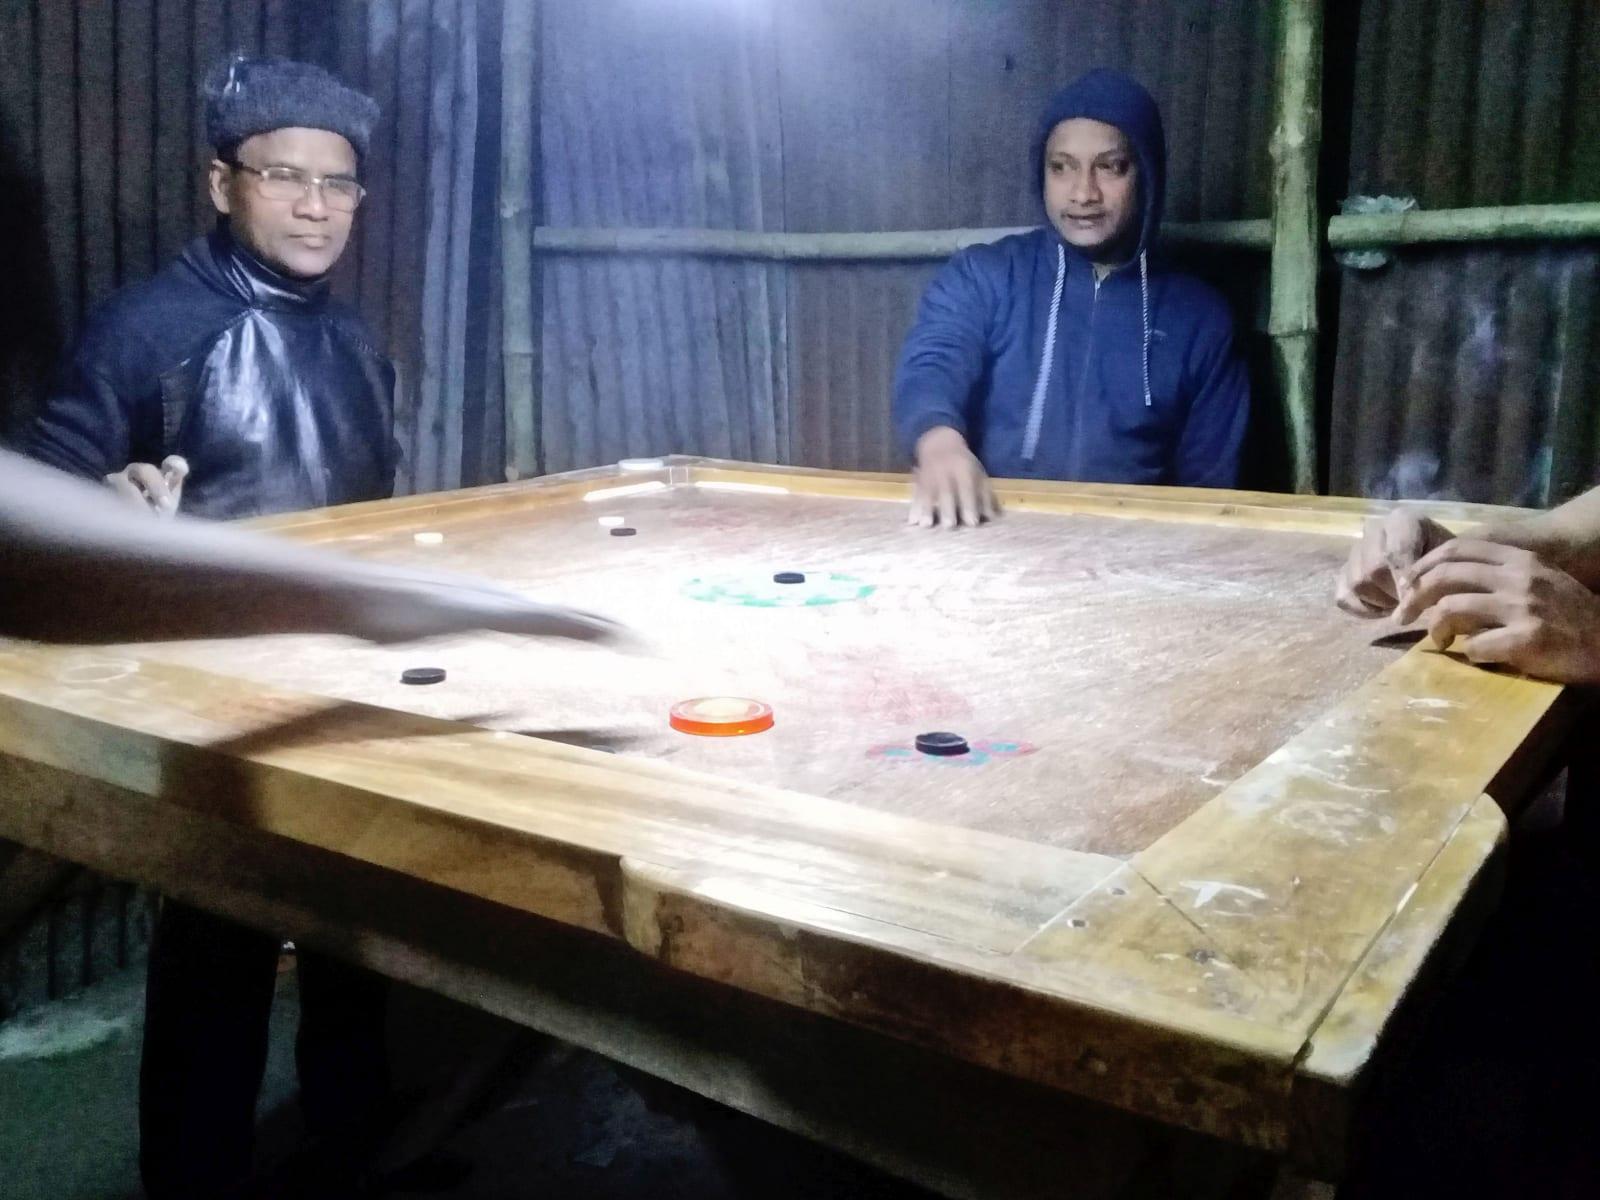 Hráči karambolu, Bangladéš